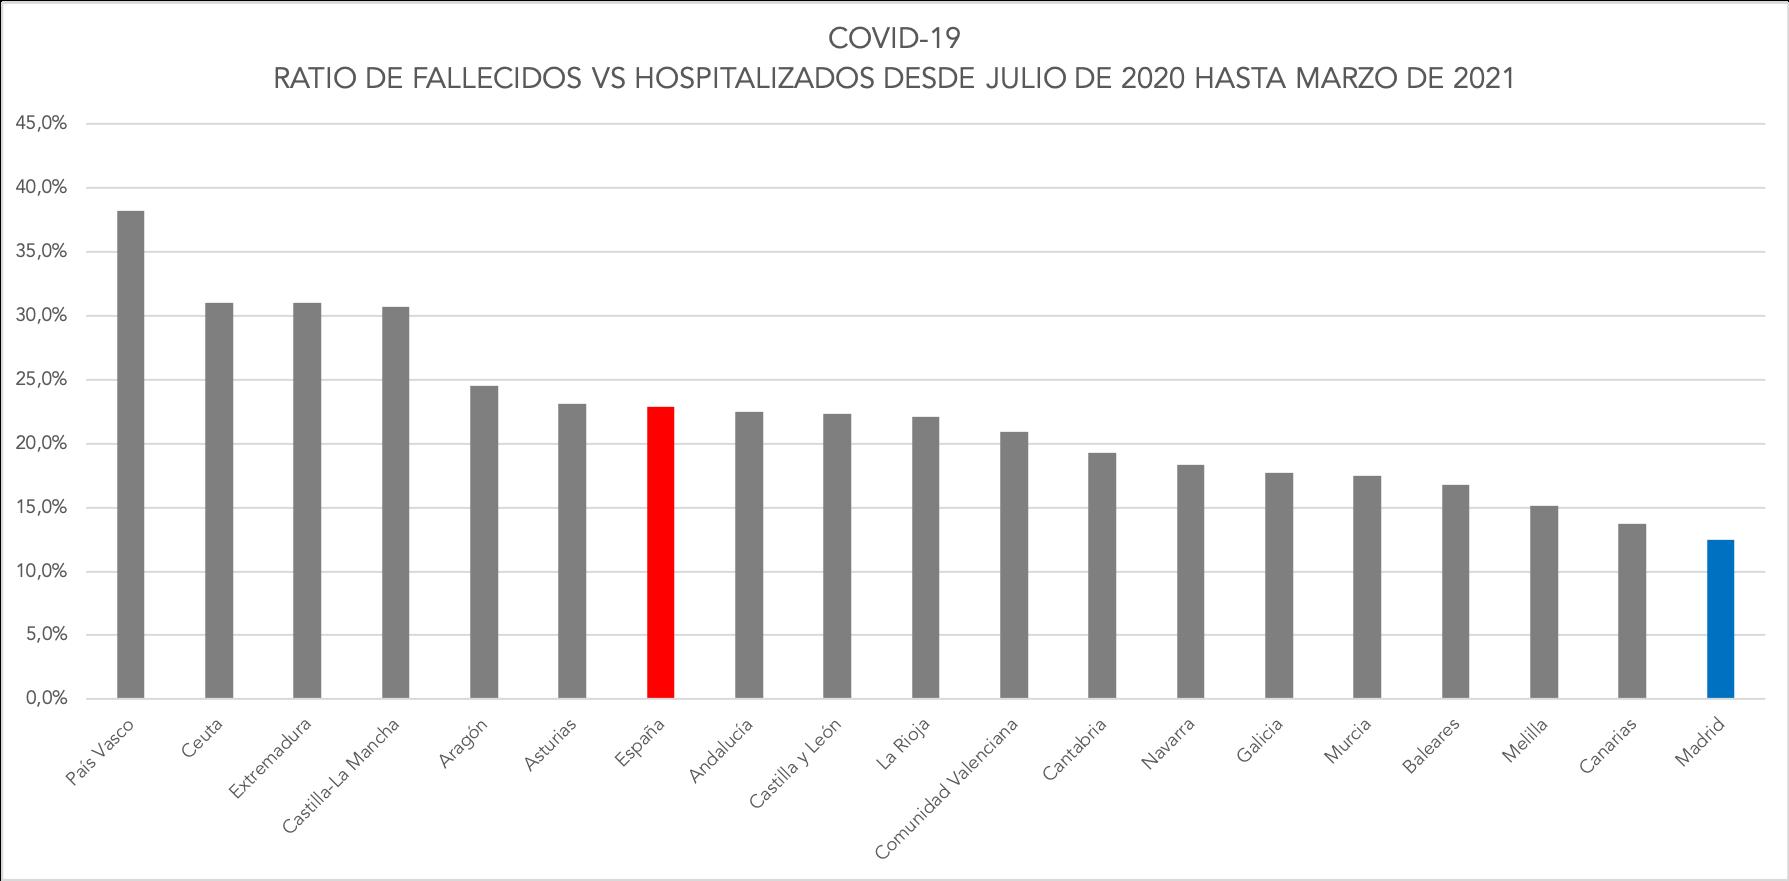 2-fallecidos-vs-hospitalizados-covid-19.png